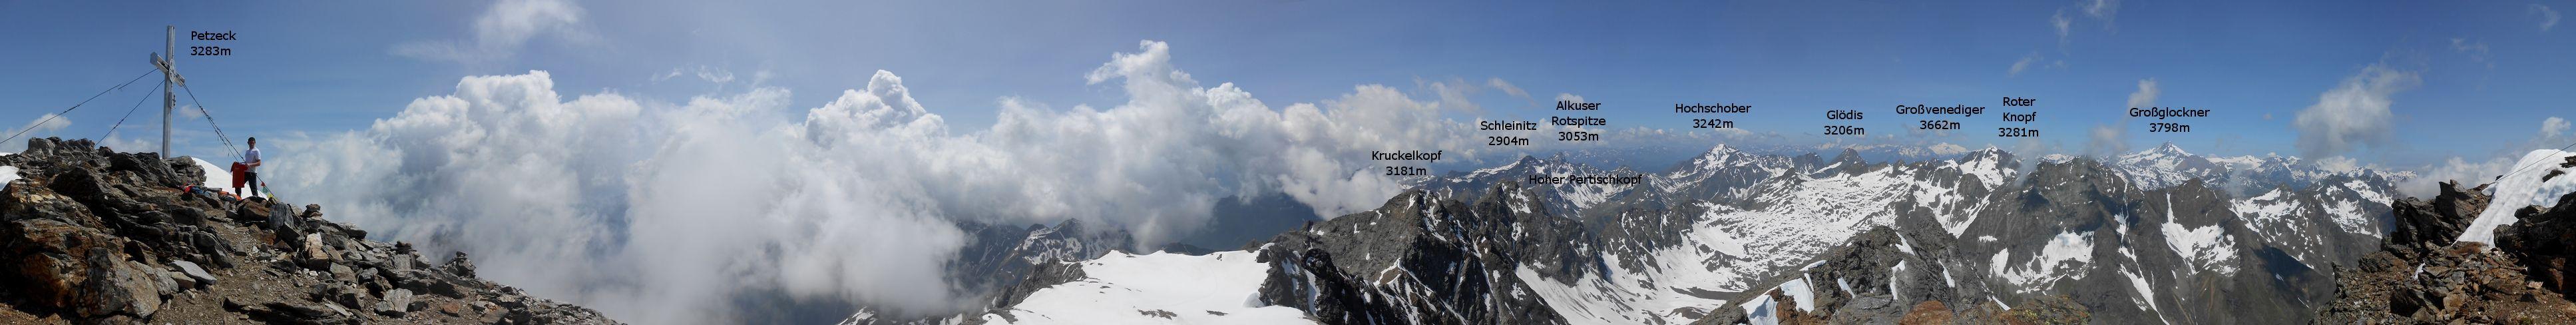 Panorama_Petzeck